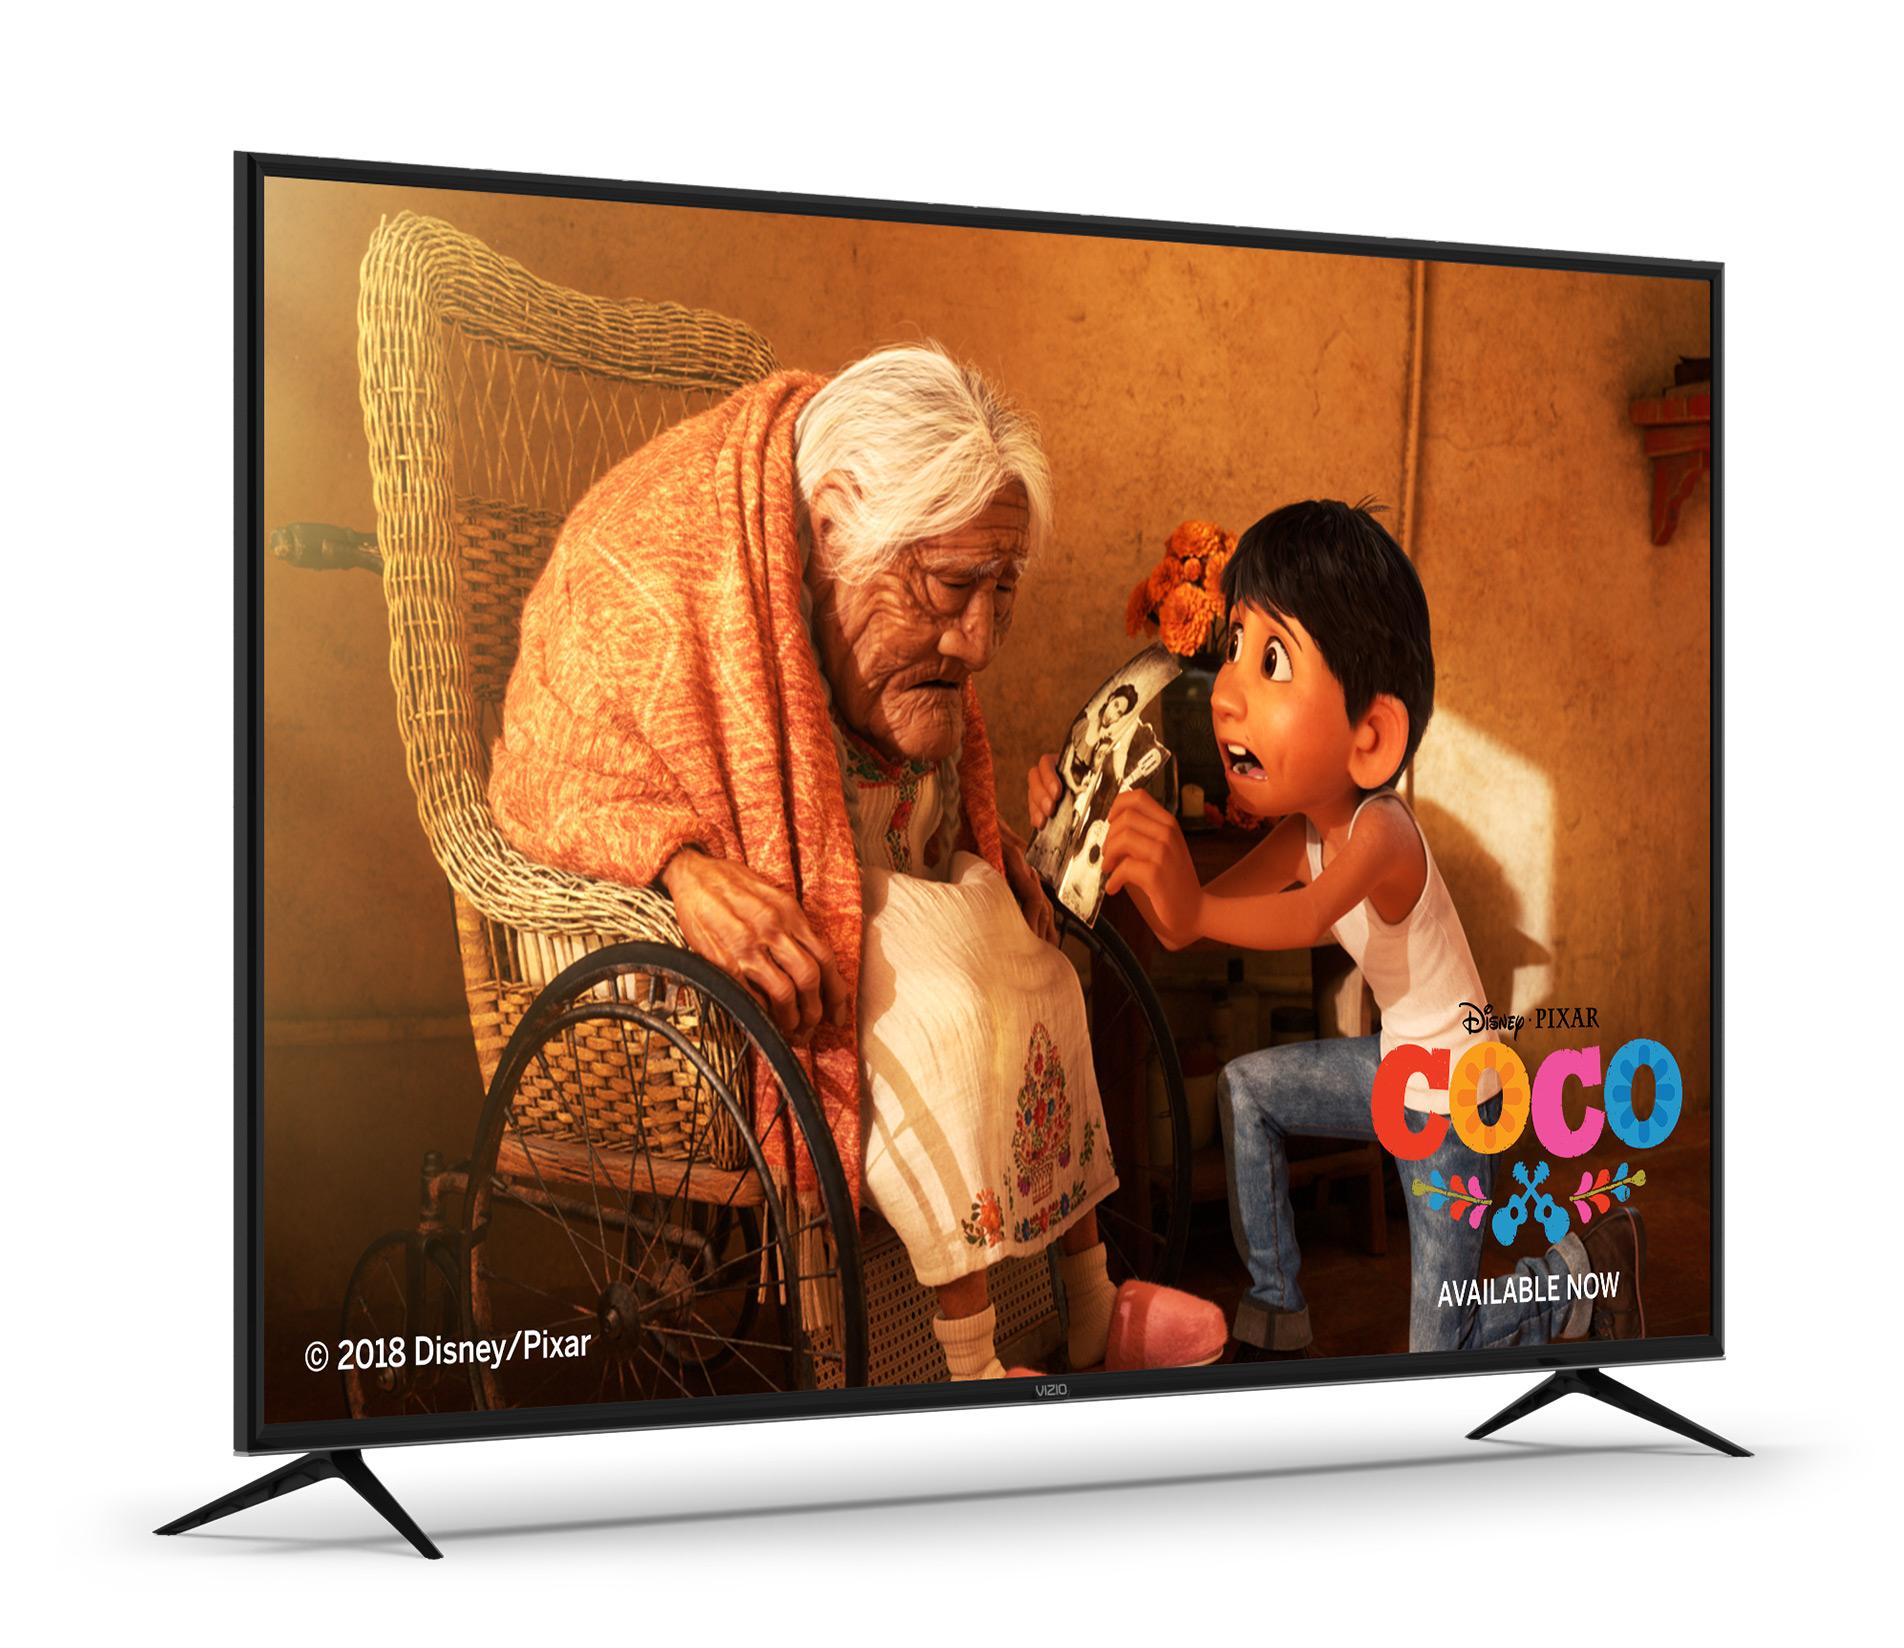 Vizio E Series 50 Class 4k Hdr Smart Tv E50 F2 Vizio